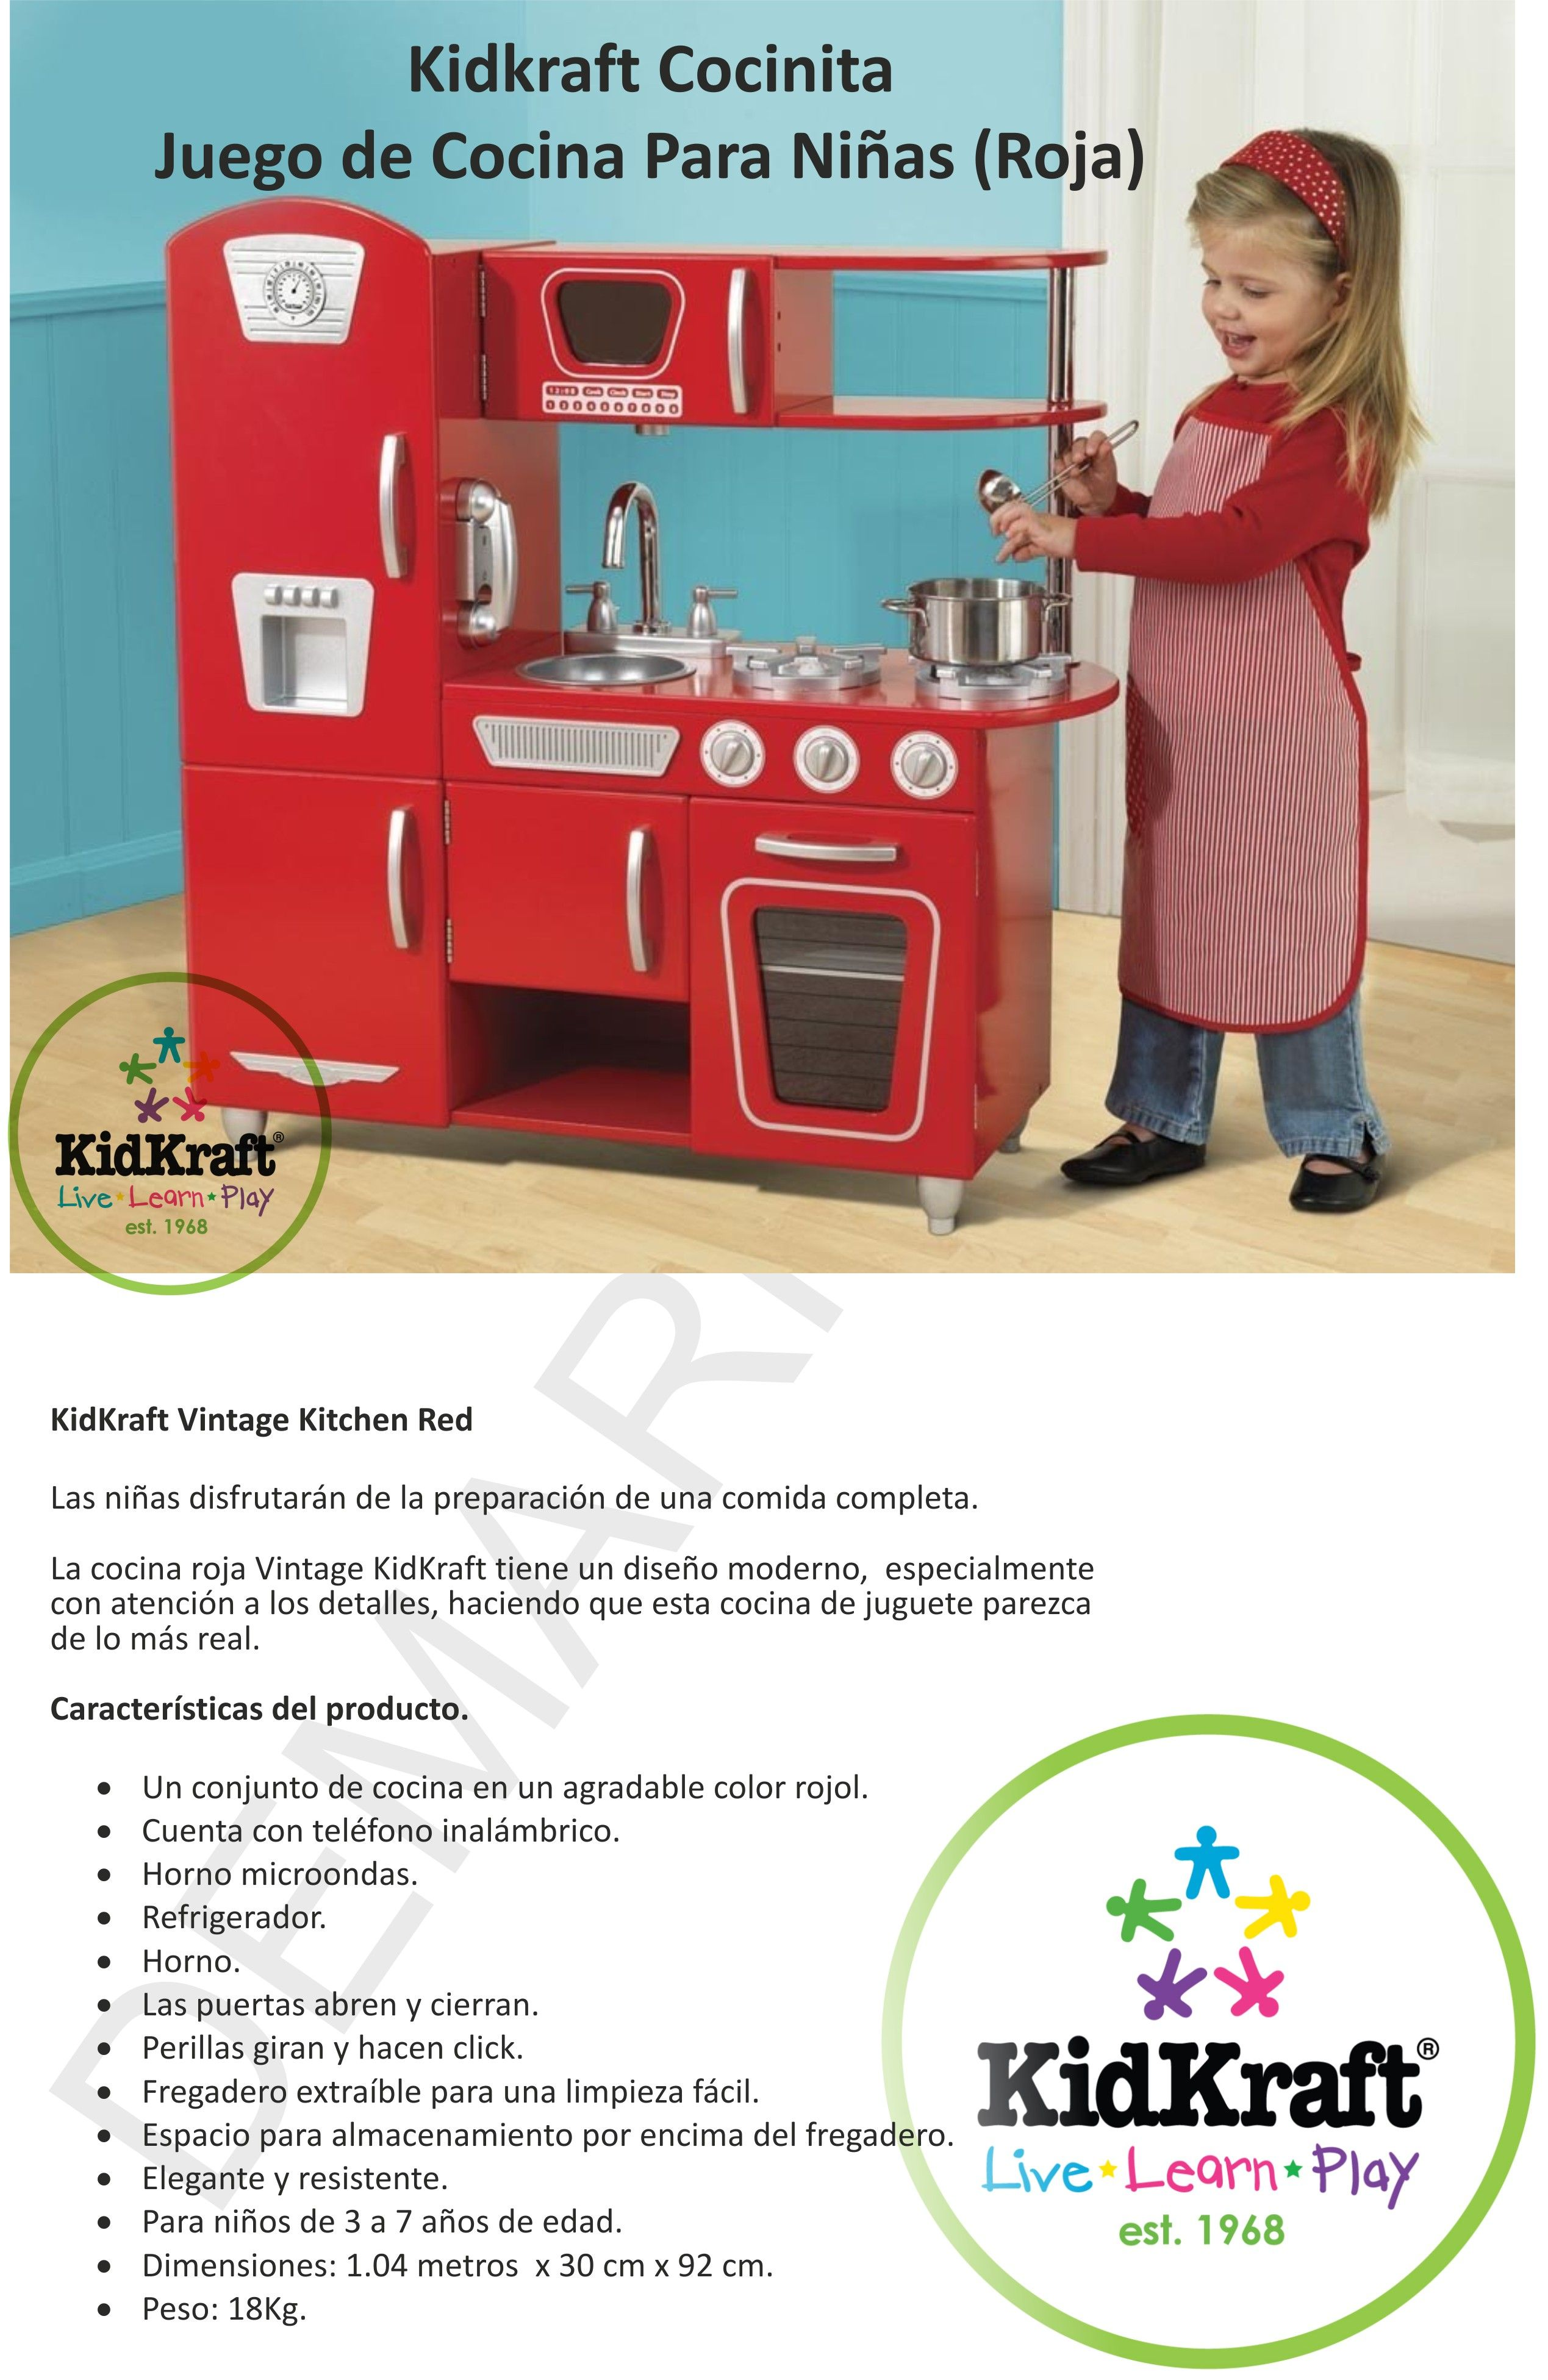 Cocinita kidkraft juguete juego cocina para ni as roja - Juegos de ninas de cocina ...